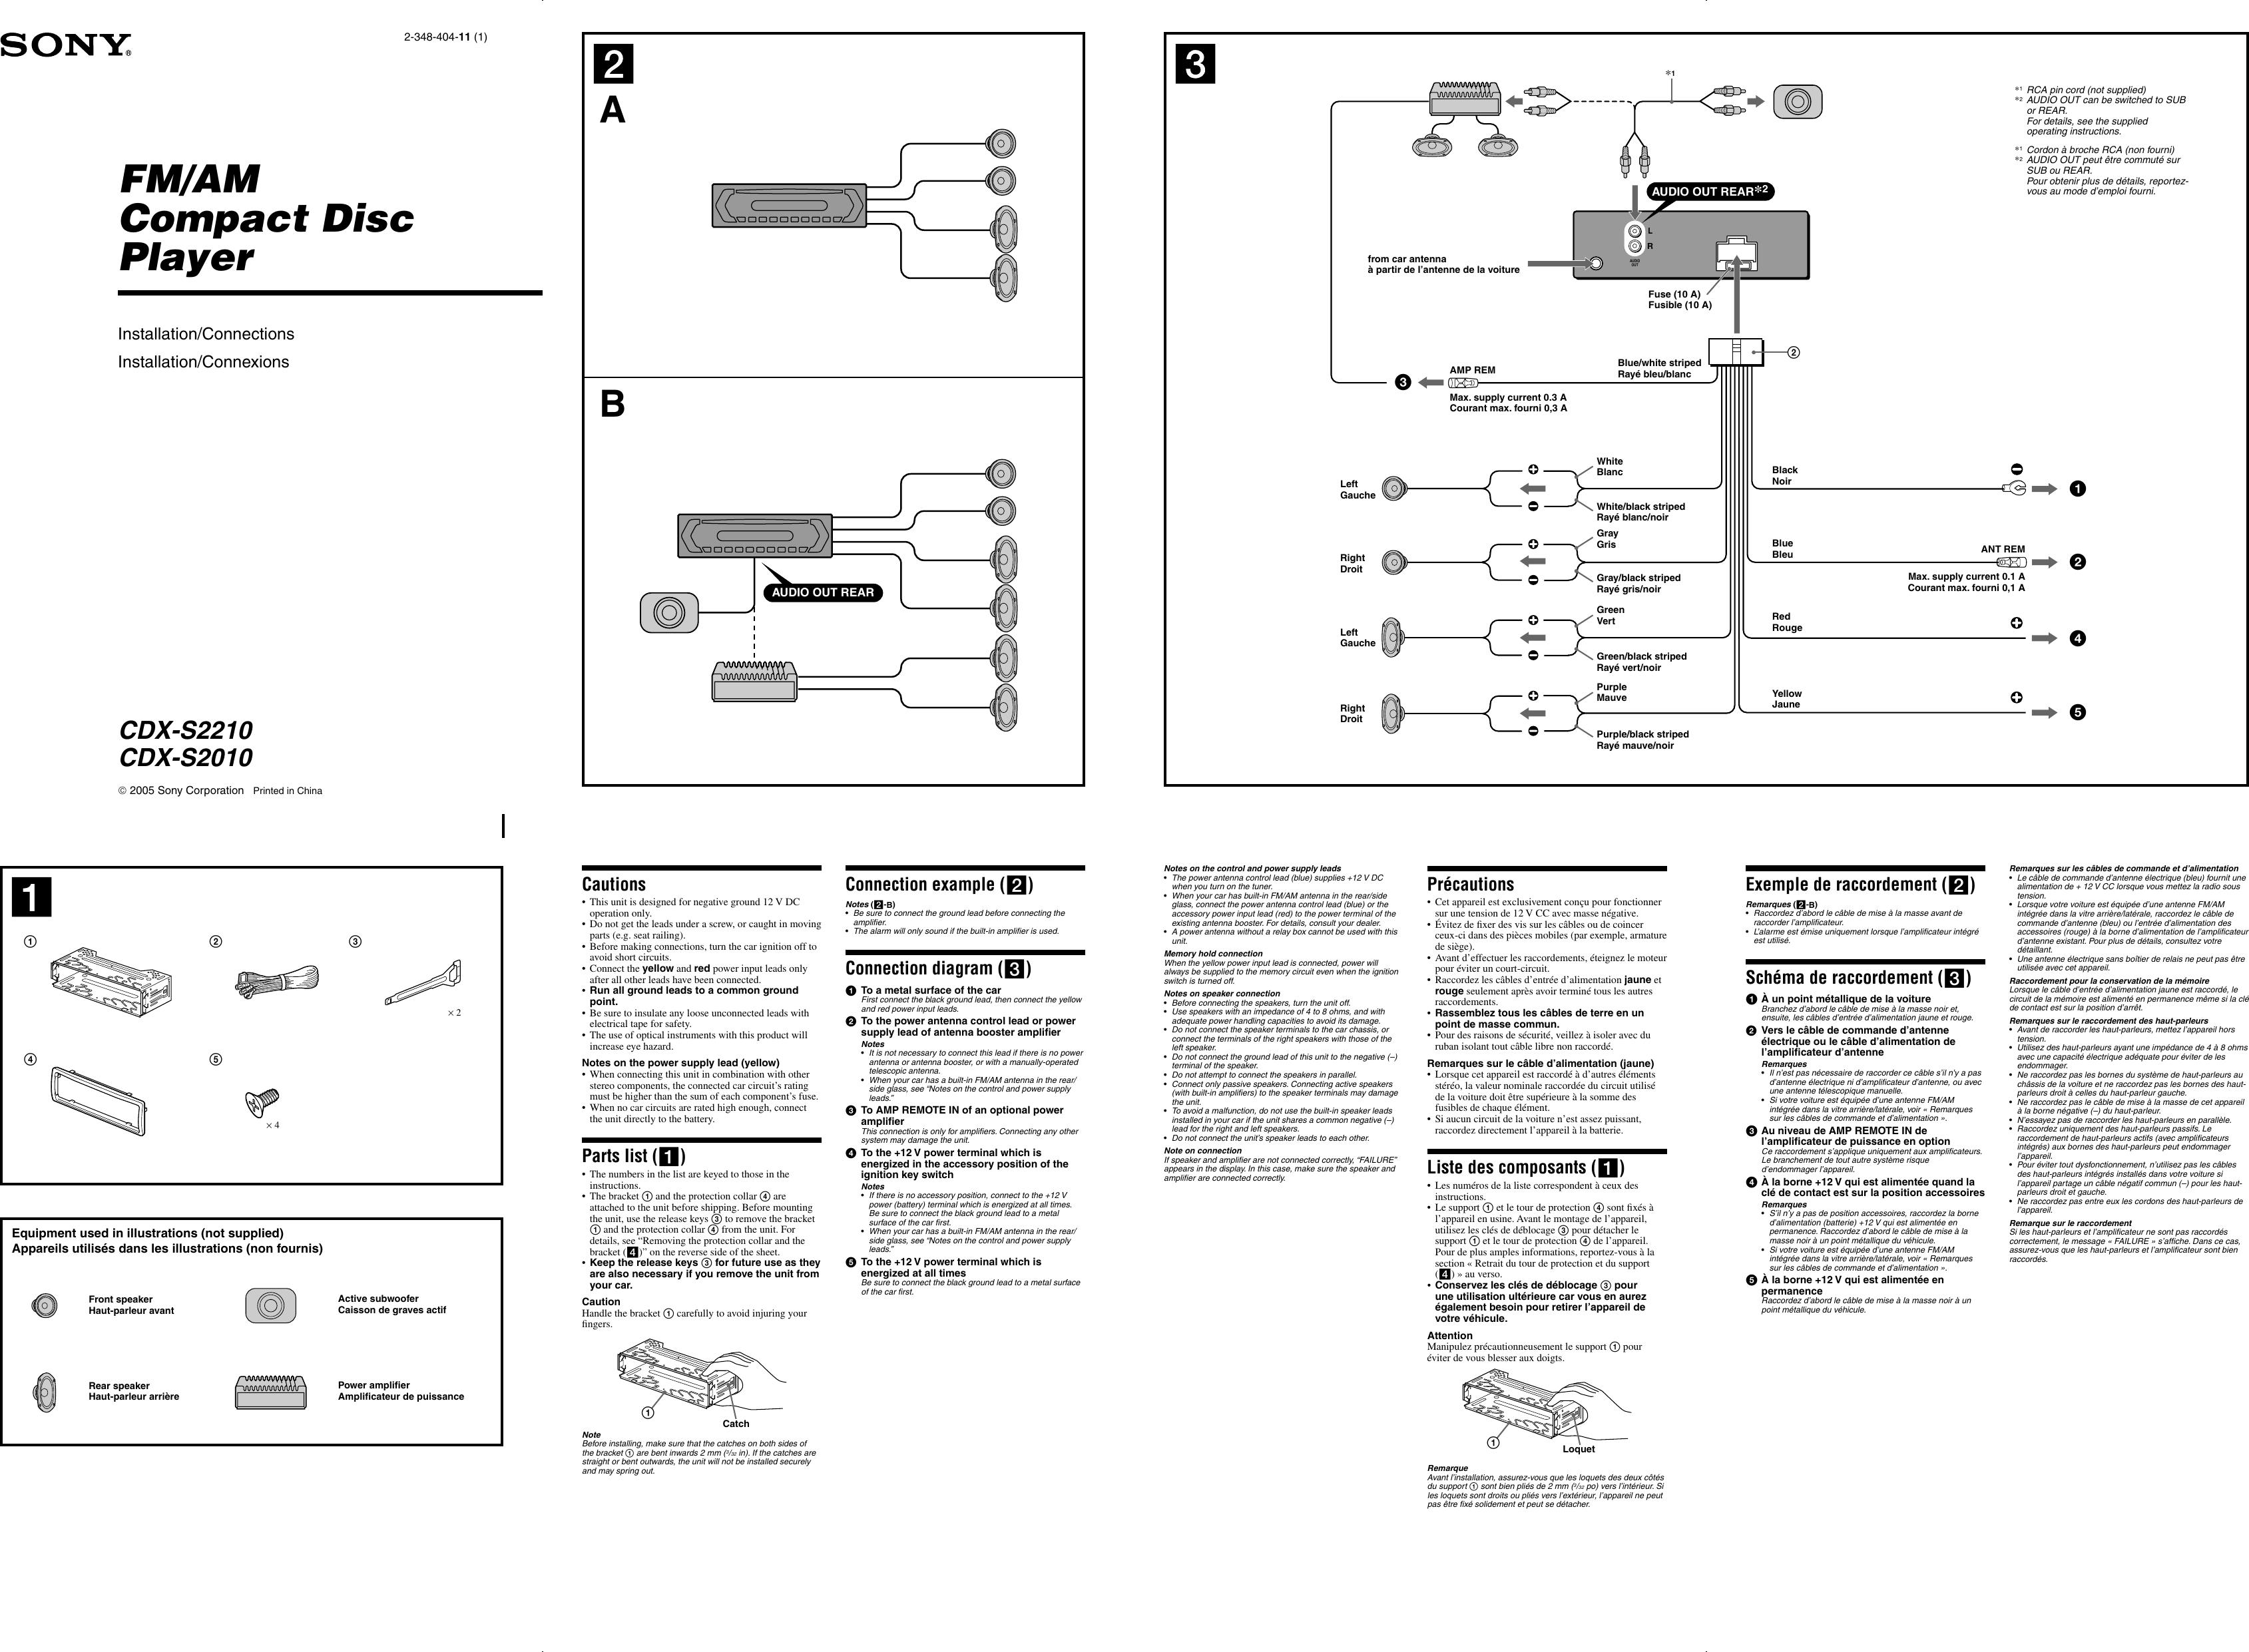 car stereo am fm sony xplod cdx f5710 wiring diagram sony cdx f5710 wiring diagram the best wiring diagram 2017